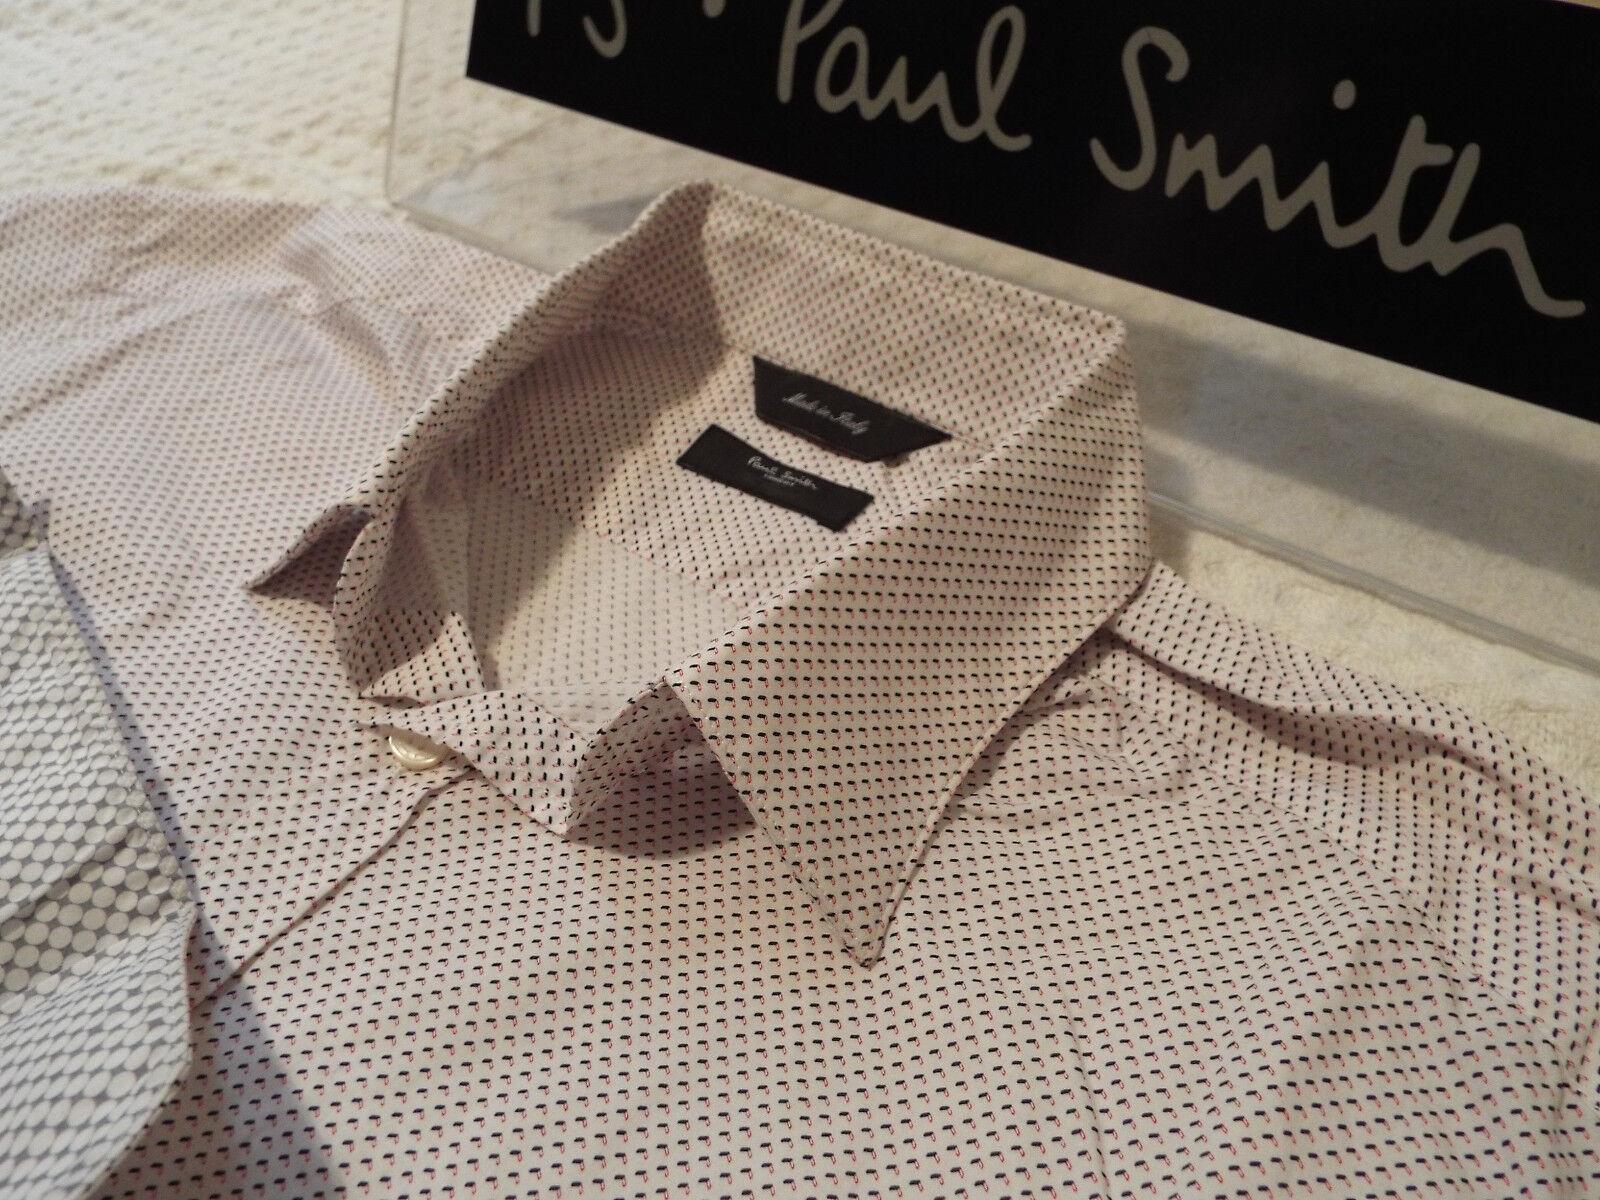 Paul Smith Da Uomo Camicia  (Taglia 16  circonferenza petto 42 )  RRP +  insolito caratteri piccoli